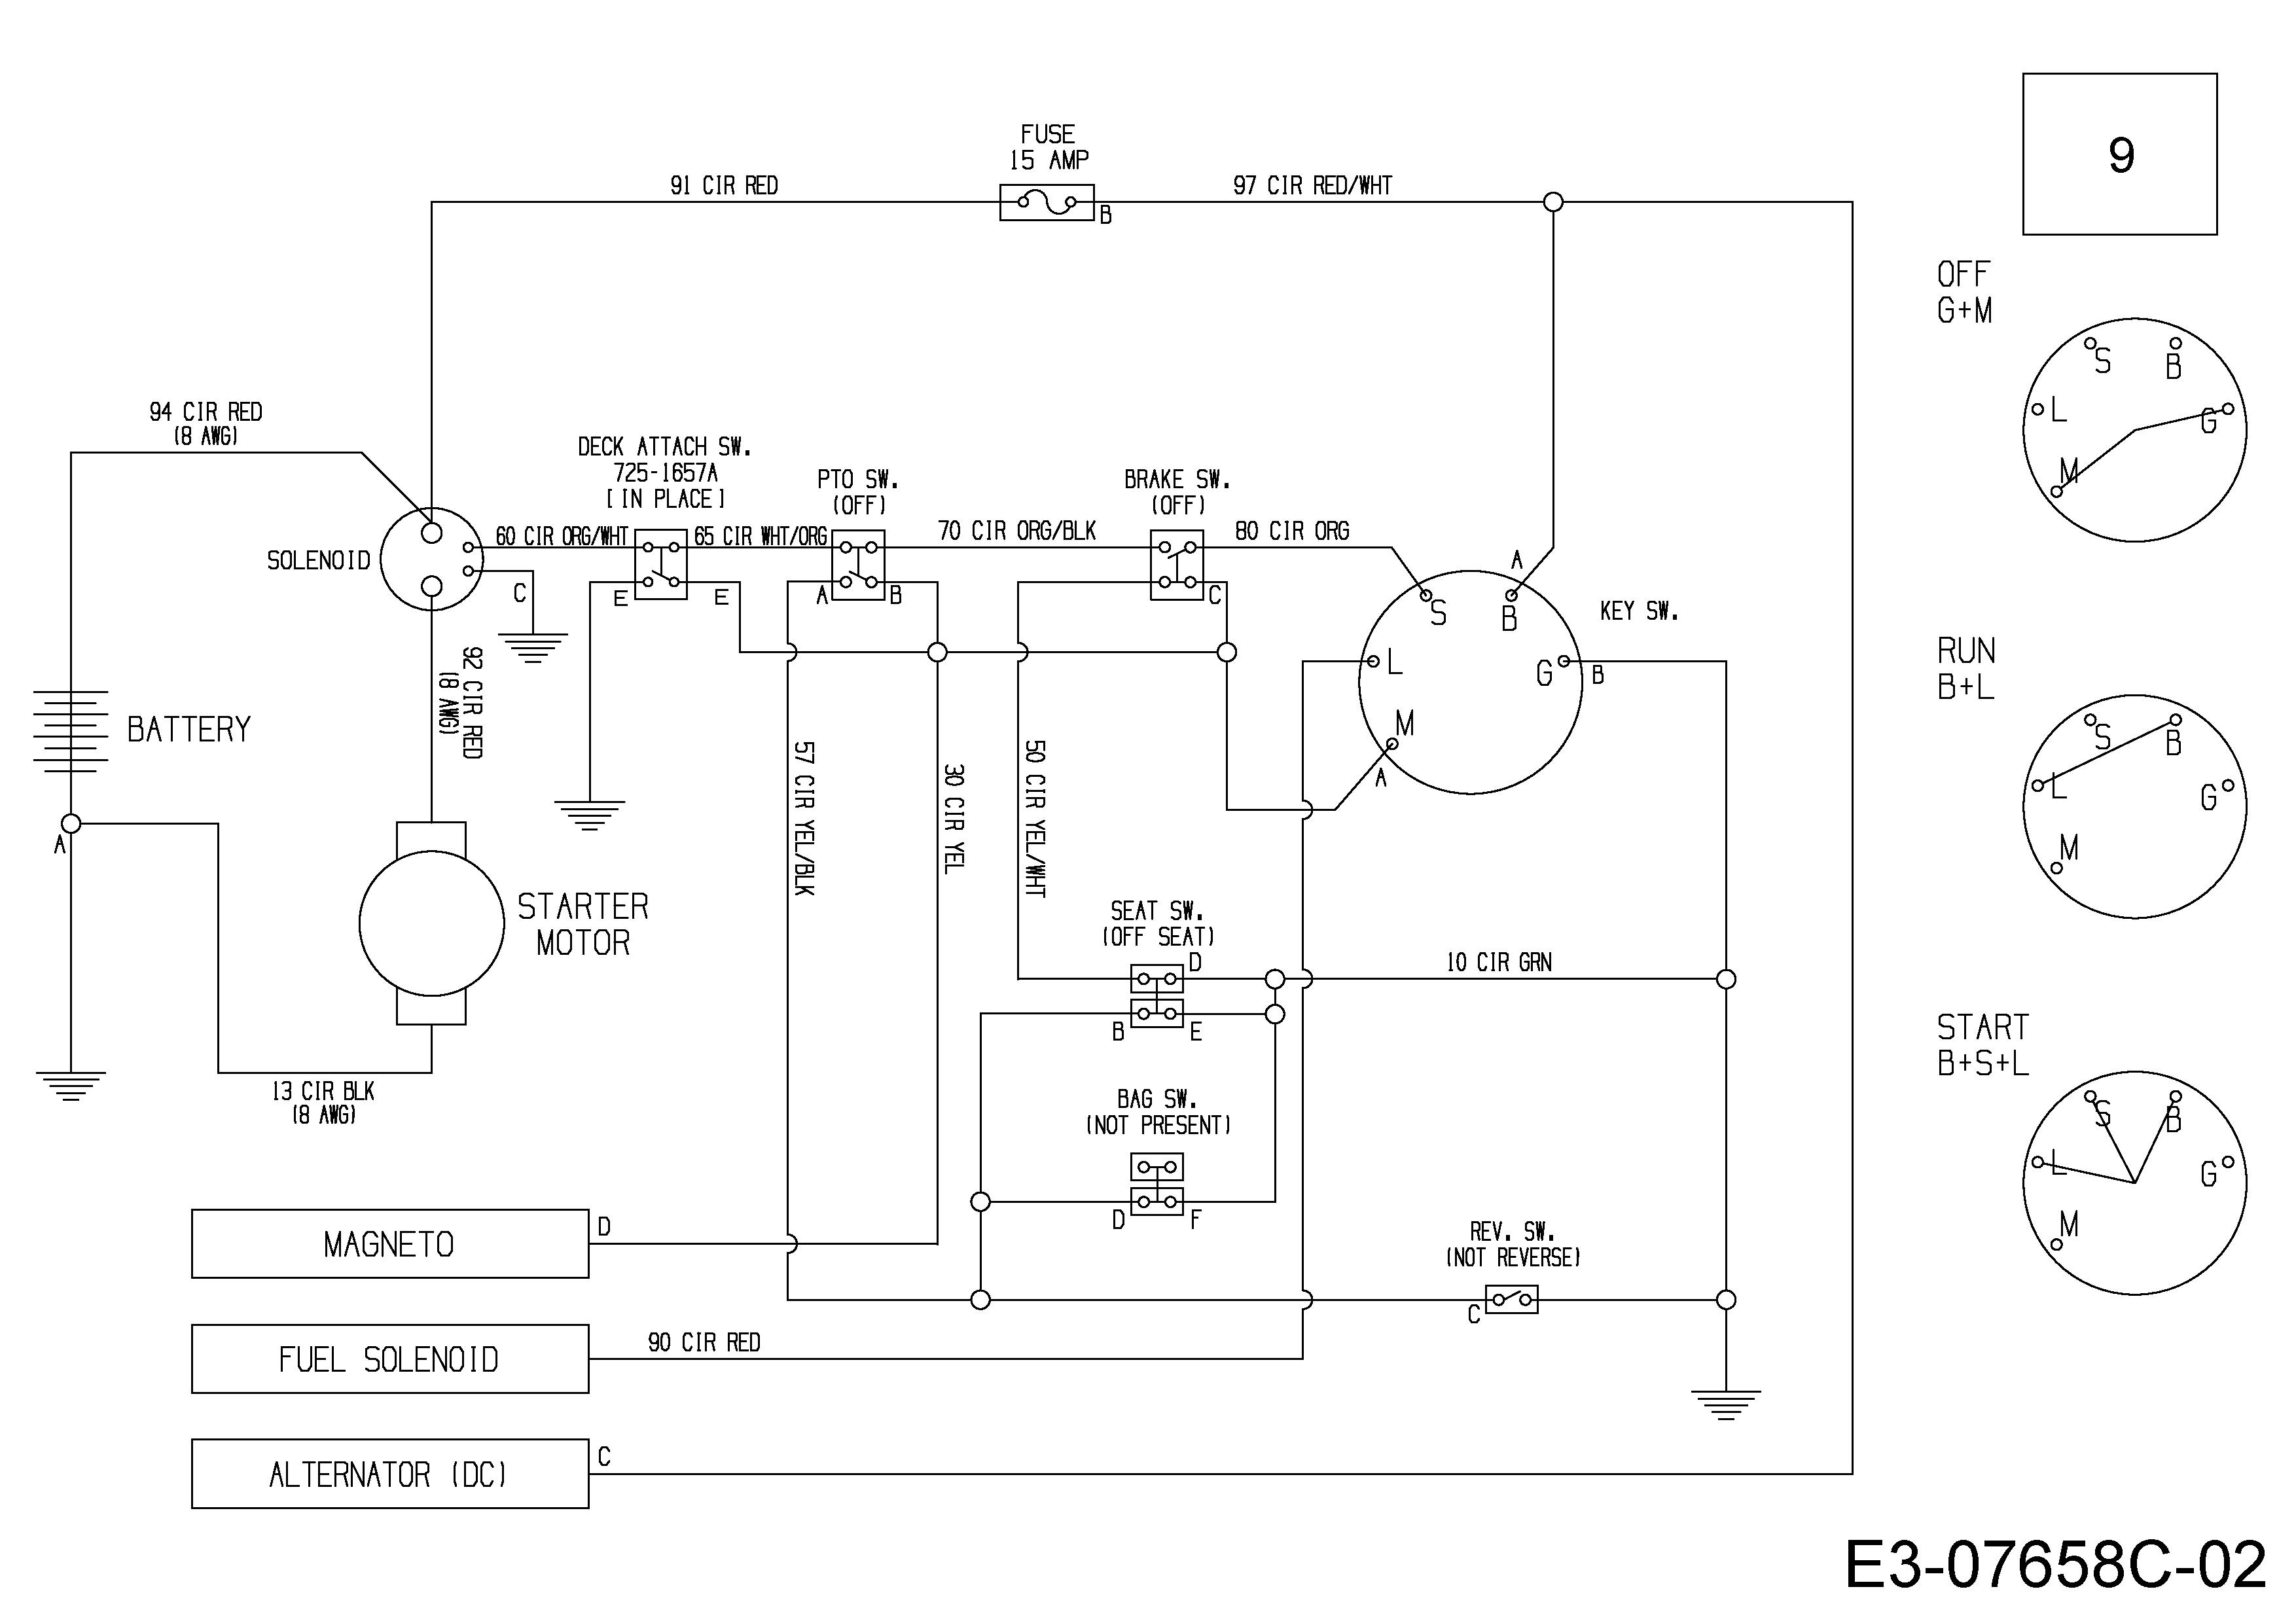 WOLF-Garten Expert Expert Scooter Pro Schaltplan 13B226HD650 (2017)